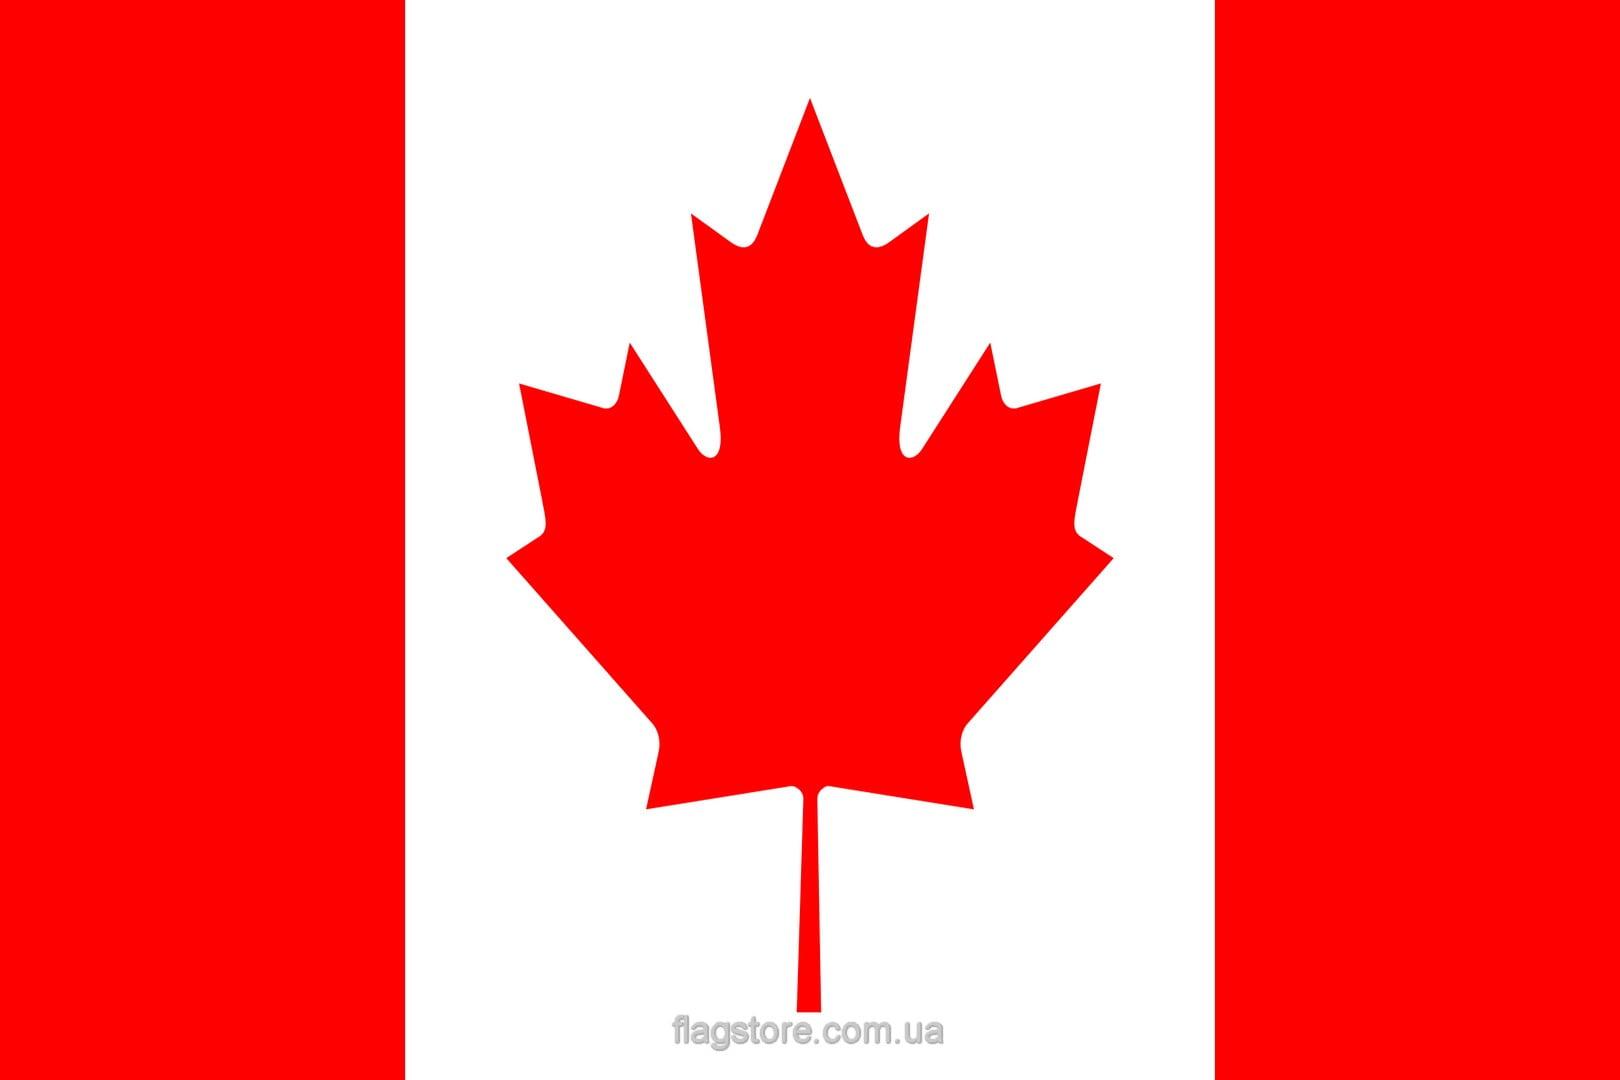 Купить флаг Канады (страны Канада)